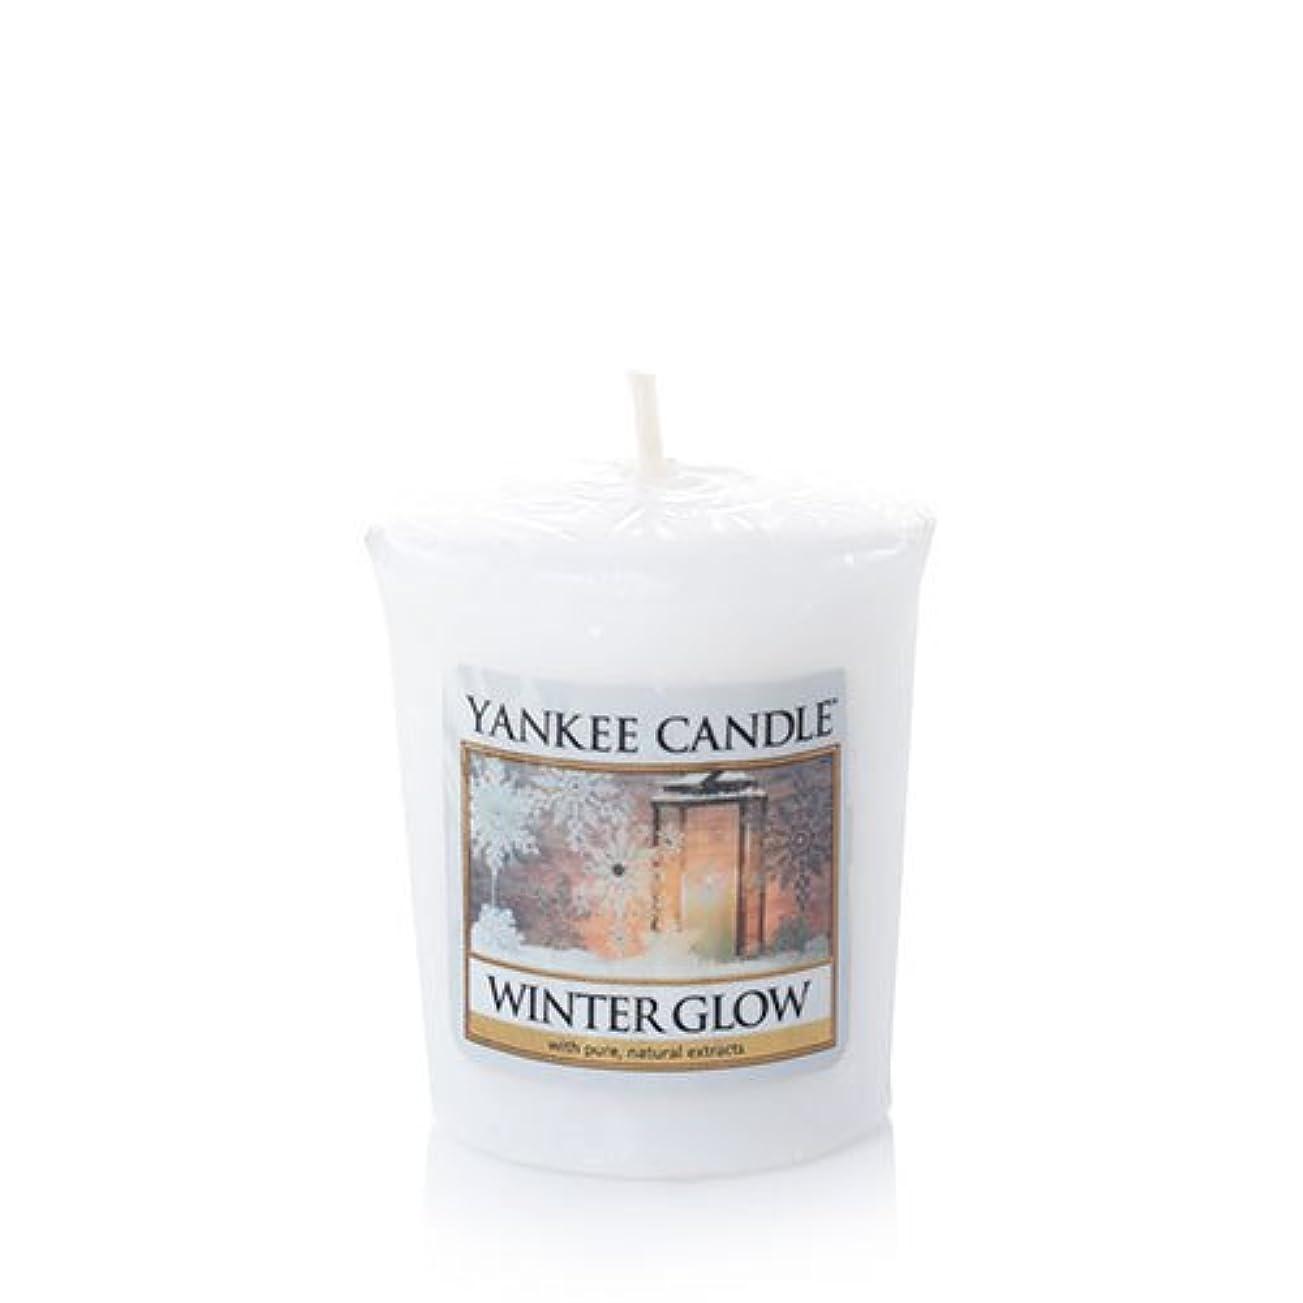 ずらす廃棄する証書Yankee Candle冬グローSamplers Votive Candle、Festive香り